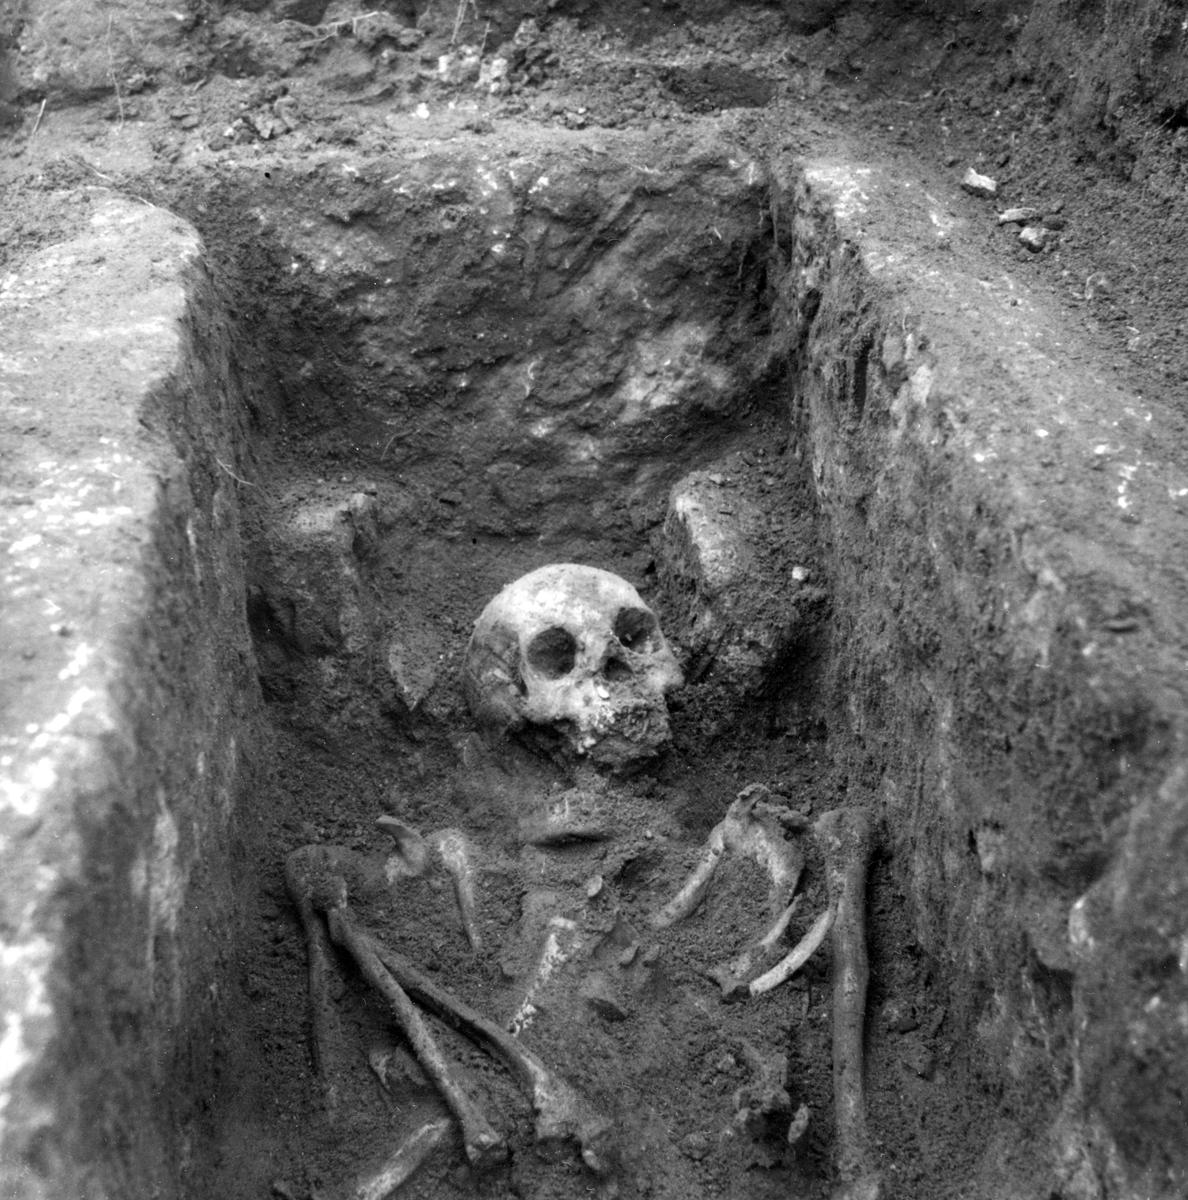 """Sommaren 1954 utfördes schaktningsarbete för ny ledning invid Bjälbo kyrka. På platsen för den tidigare stavkyrkan påträffades en gravhäll med ornerad och runristad lockhäll. Texten utläses """"Torbjörn gjorde denna häll efter Torgeyr"""". Bilden visar skelettgraven efter att hällen avlägsnats. Vy från väst."""